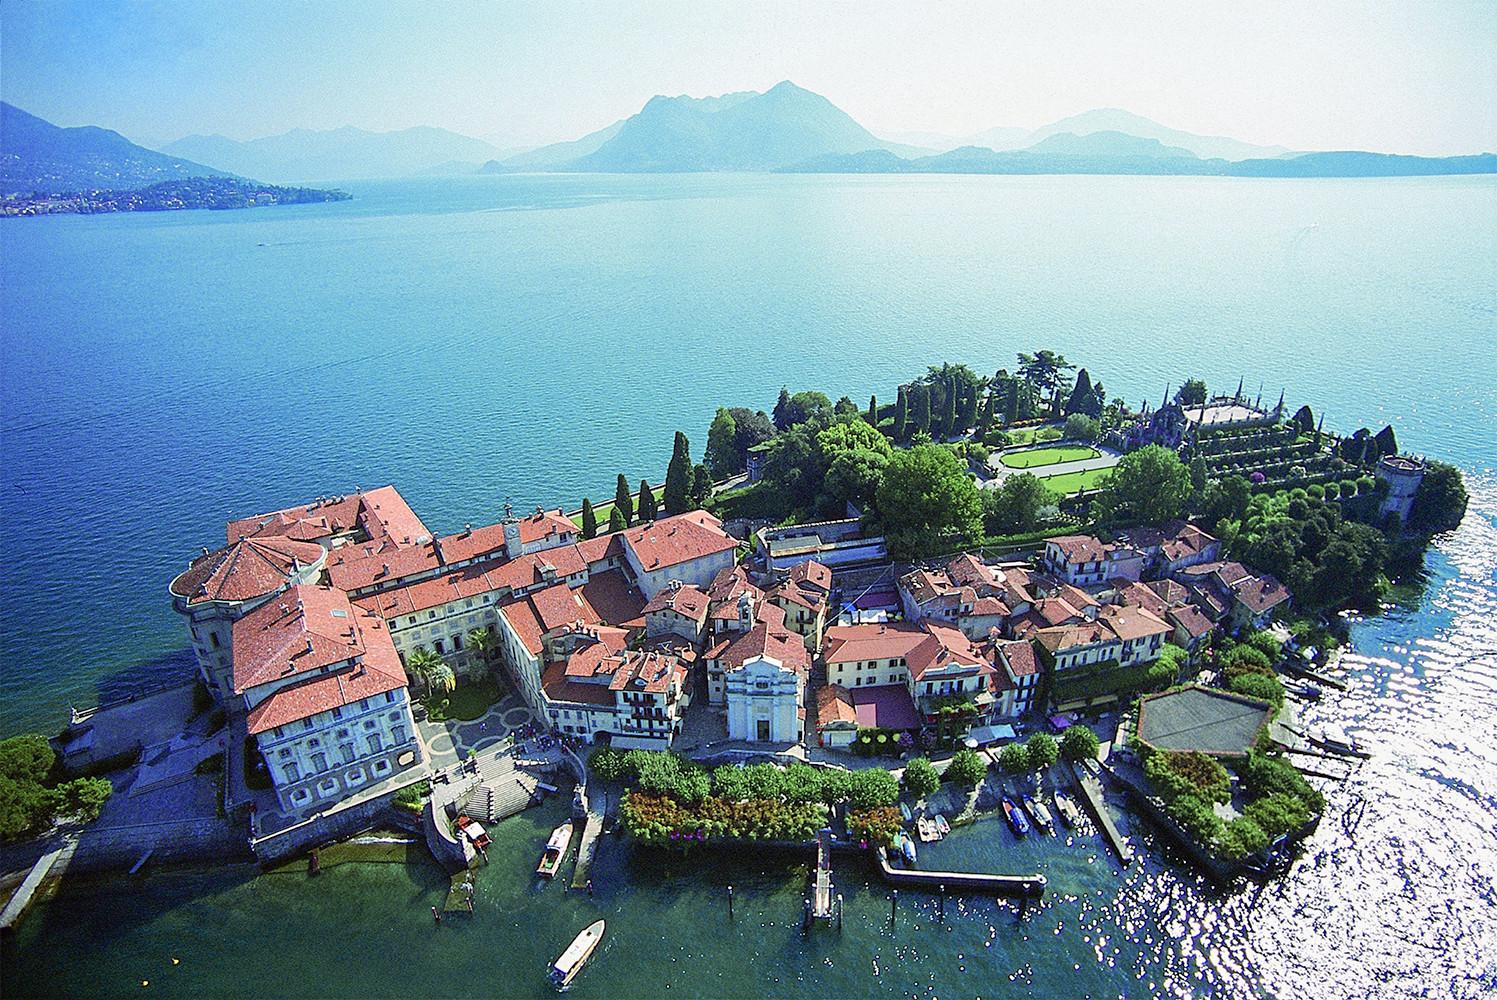 Isola Bella Scenari: srl Andrea Lazzarinied